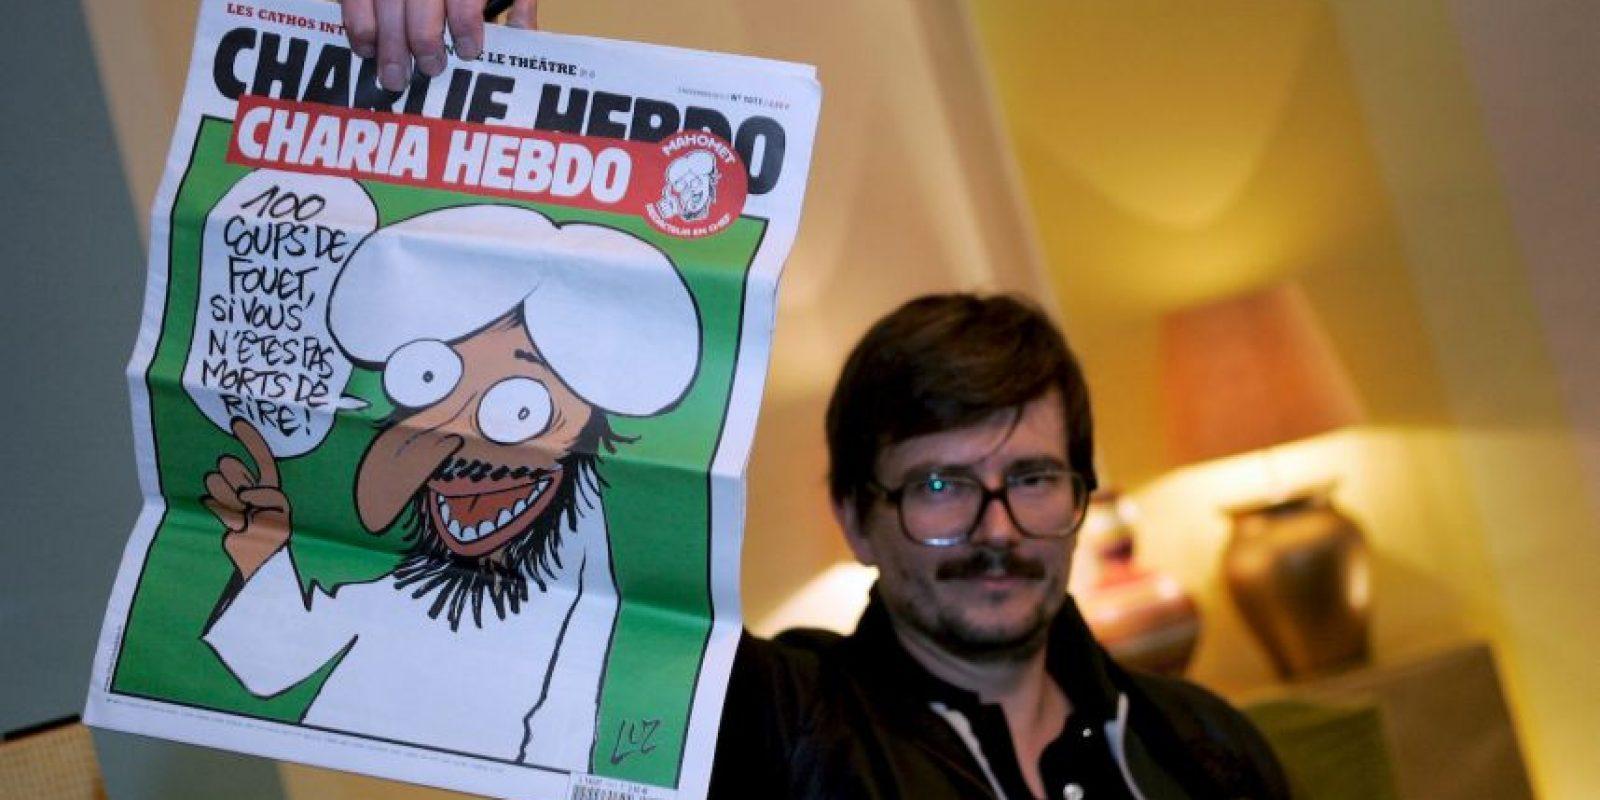 El tiraje de Charlie Hebdo aumentó cincuenta veces de sus habituales 60,000 copias a 3 millones después del atentado. Foto:Getty Images